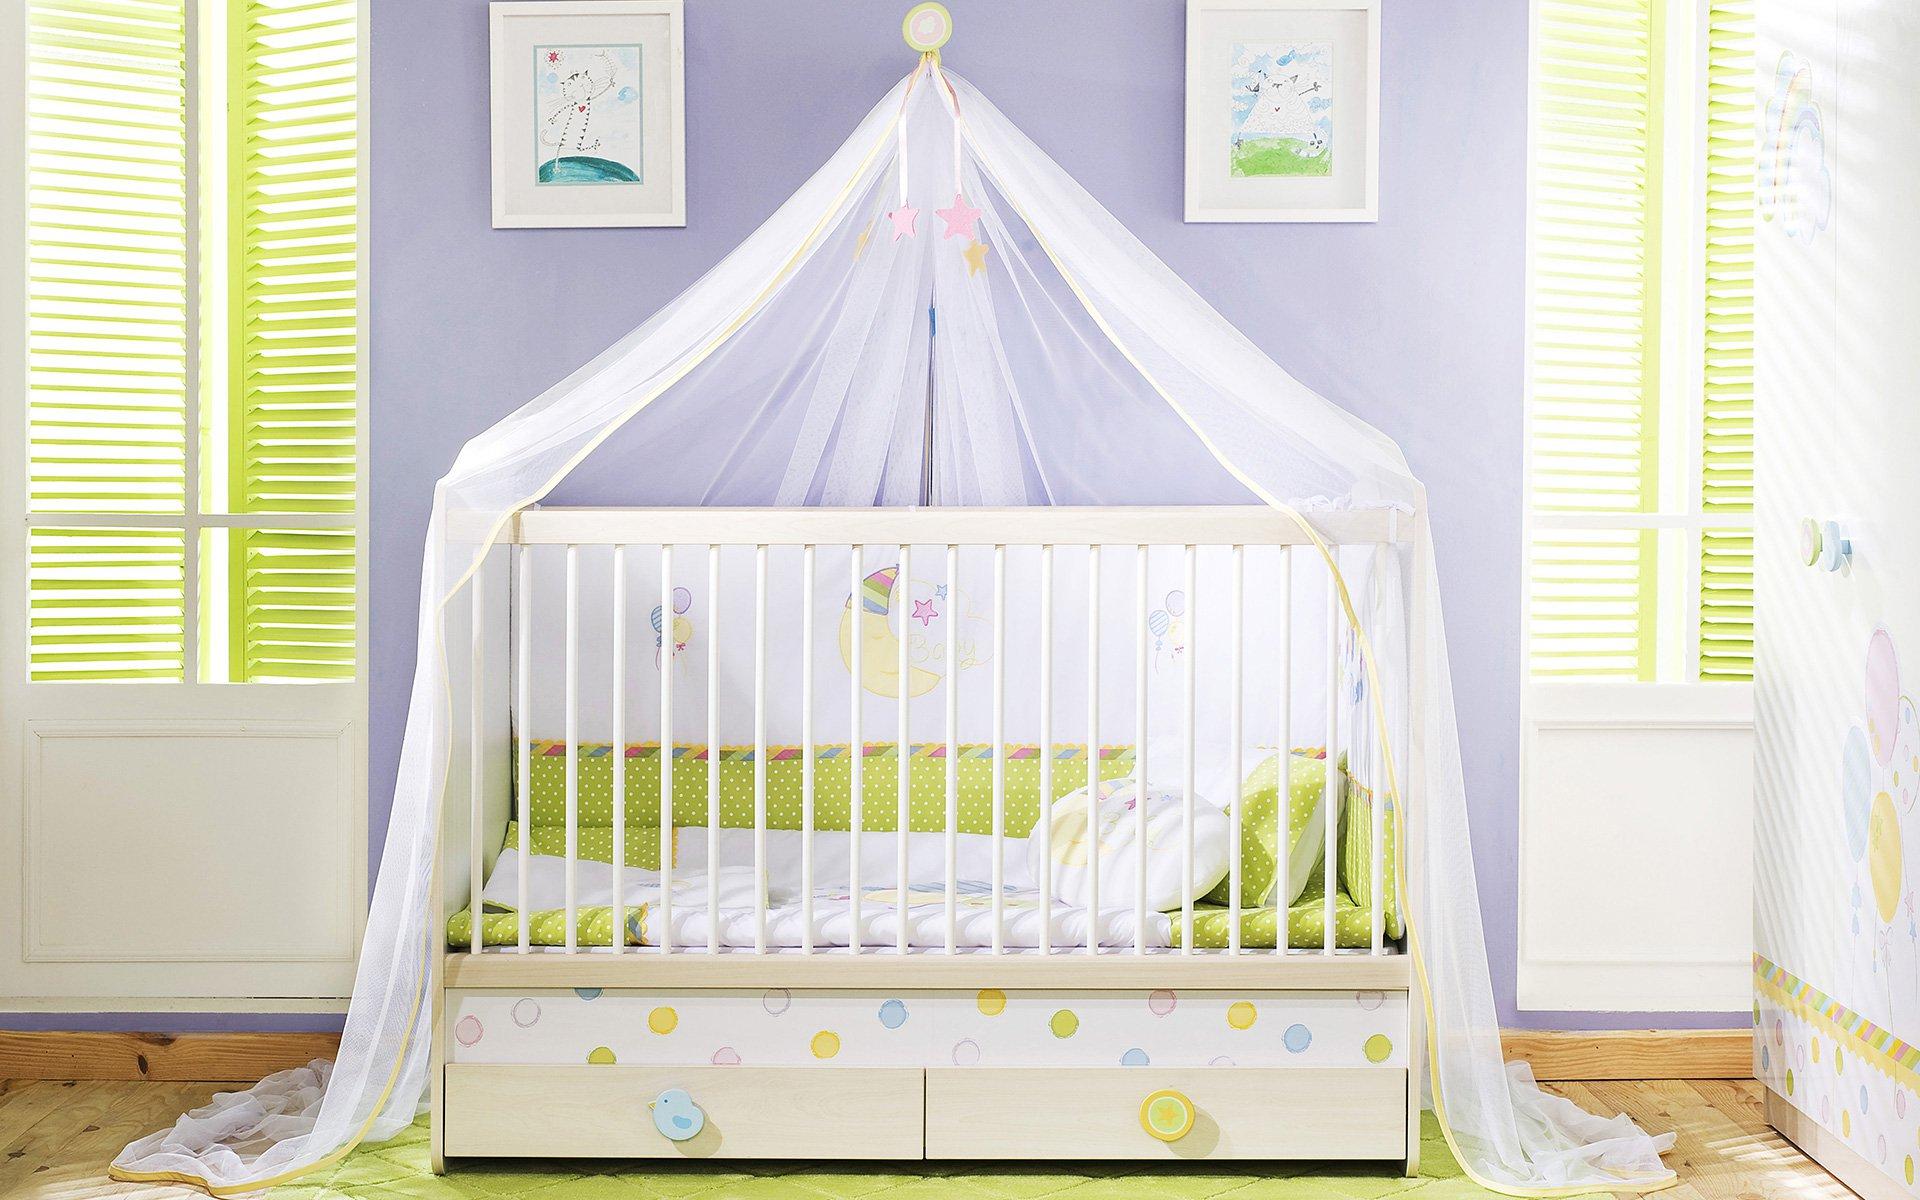 Утро картинки, картинки кроватка детская с ребенком